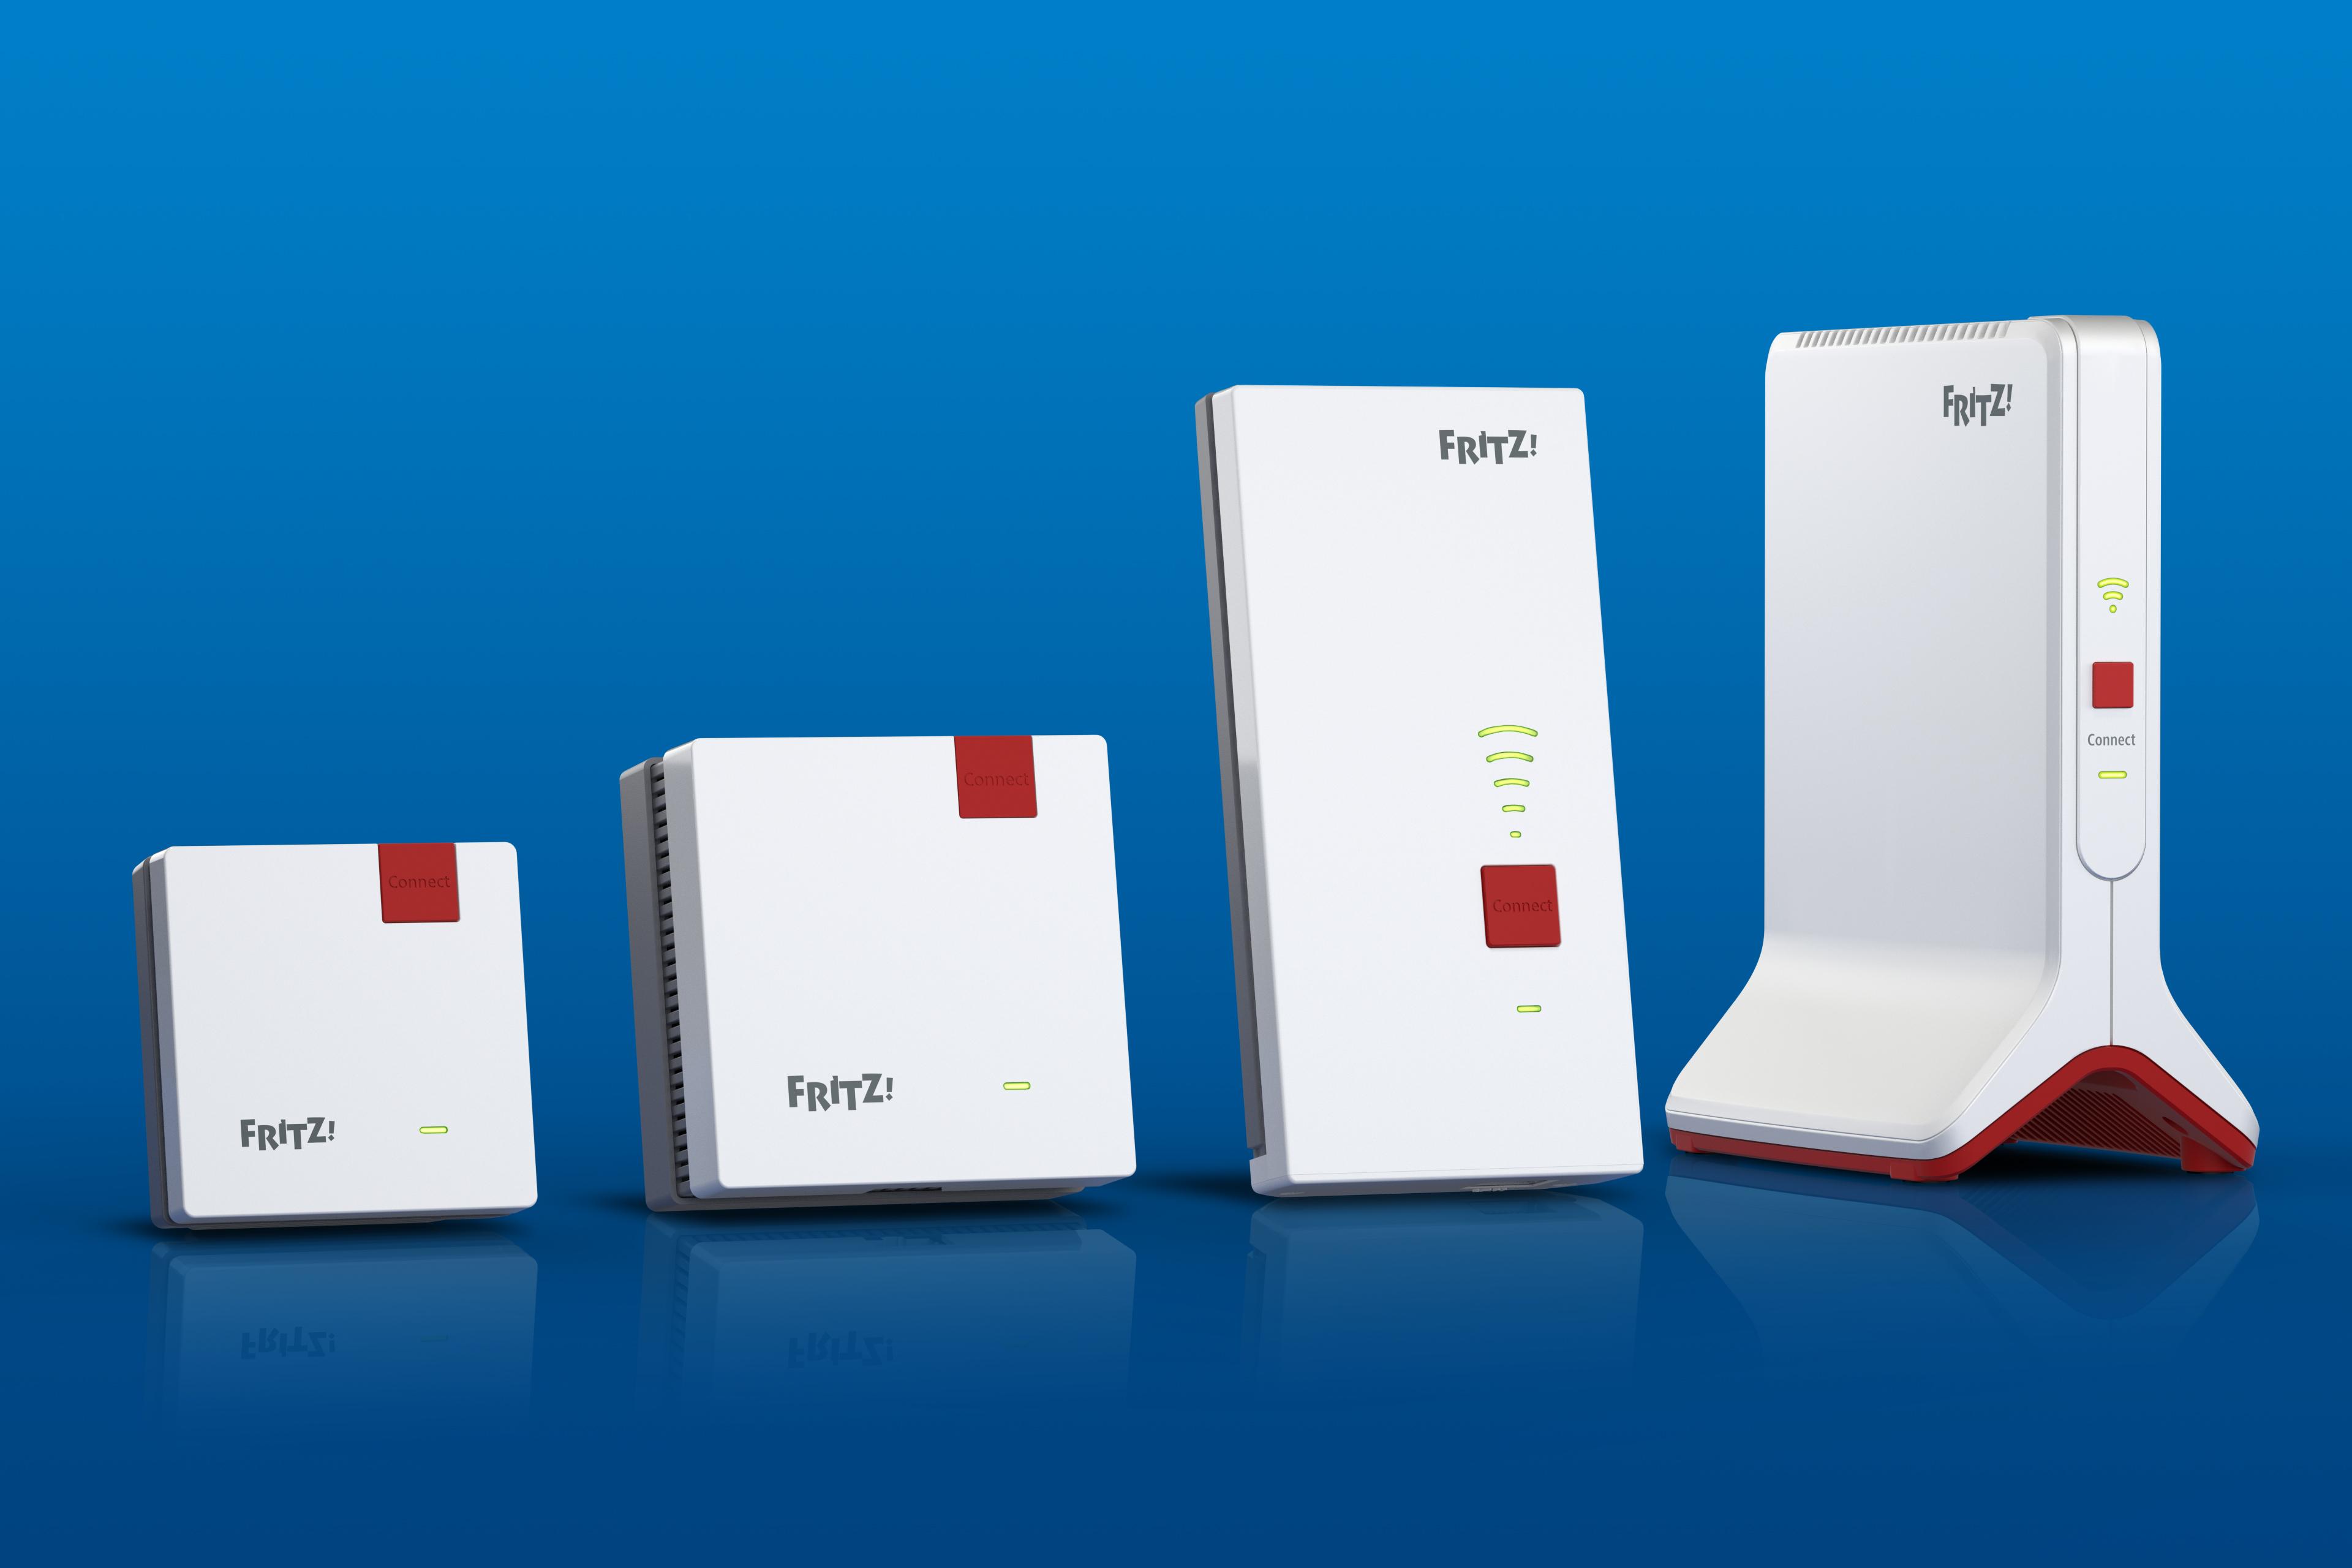 304703 avm neue fritzrepeater generation 3 1c717d original 1551088521